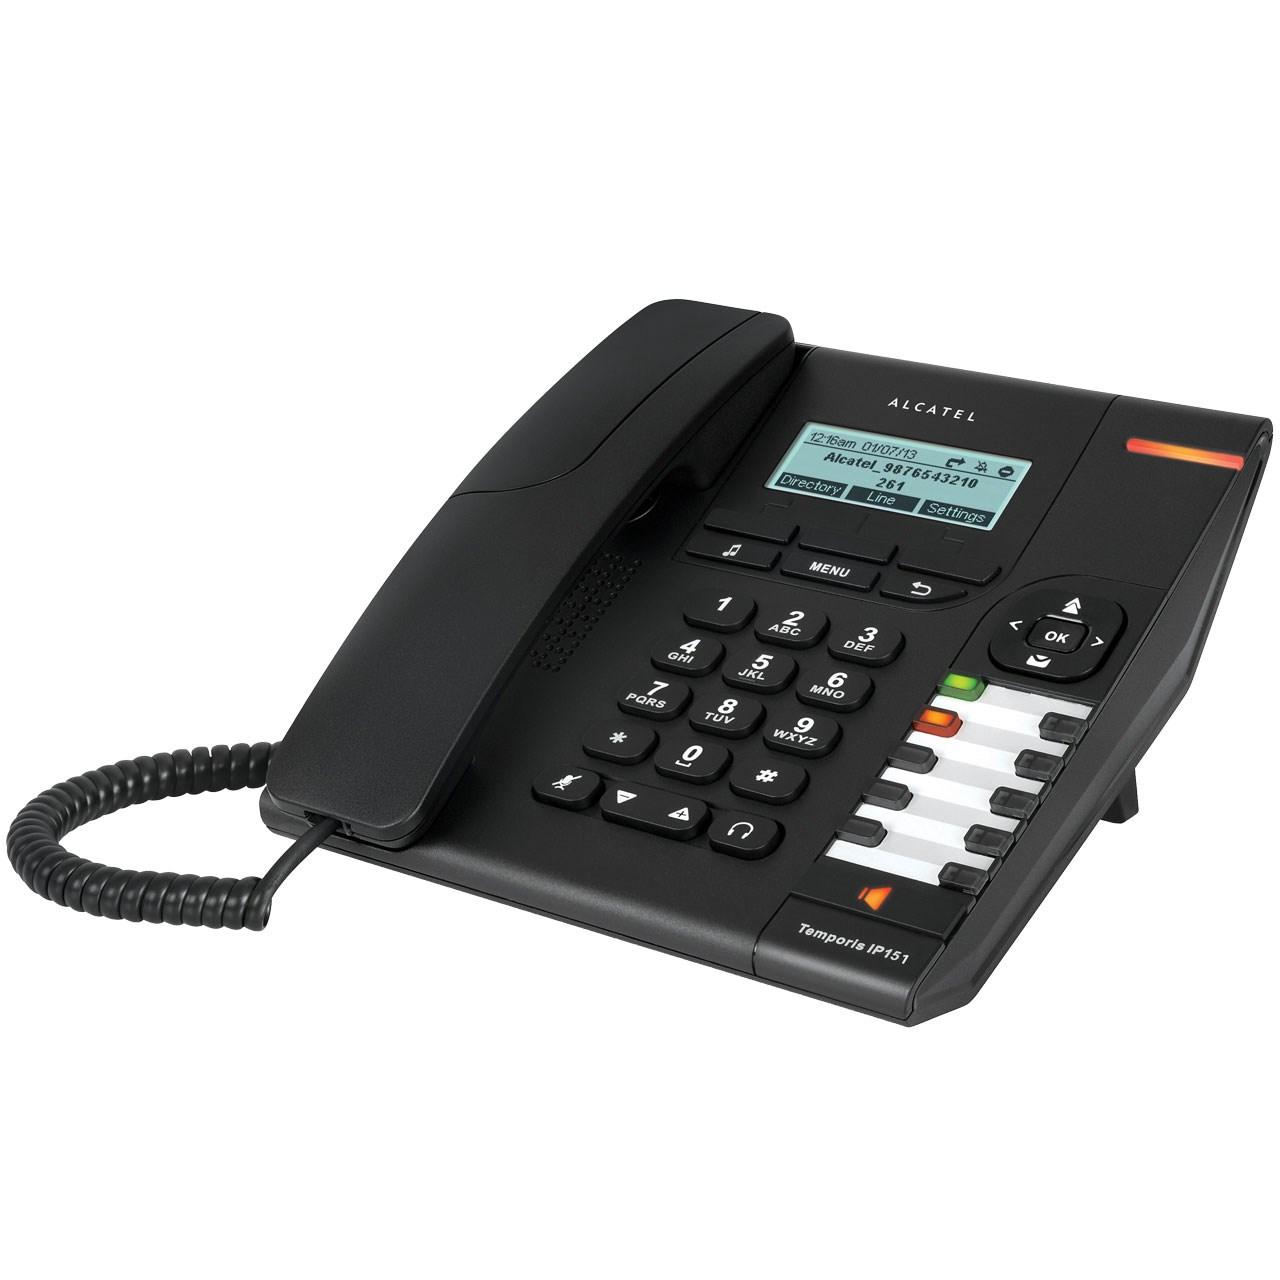 تلفن تحت شبکه آلکاتل مدل 151